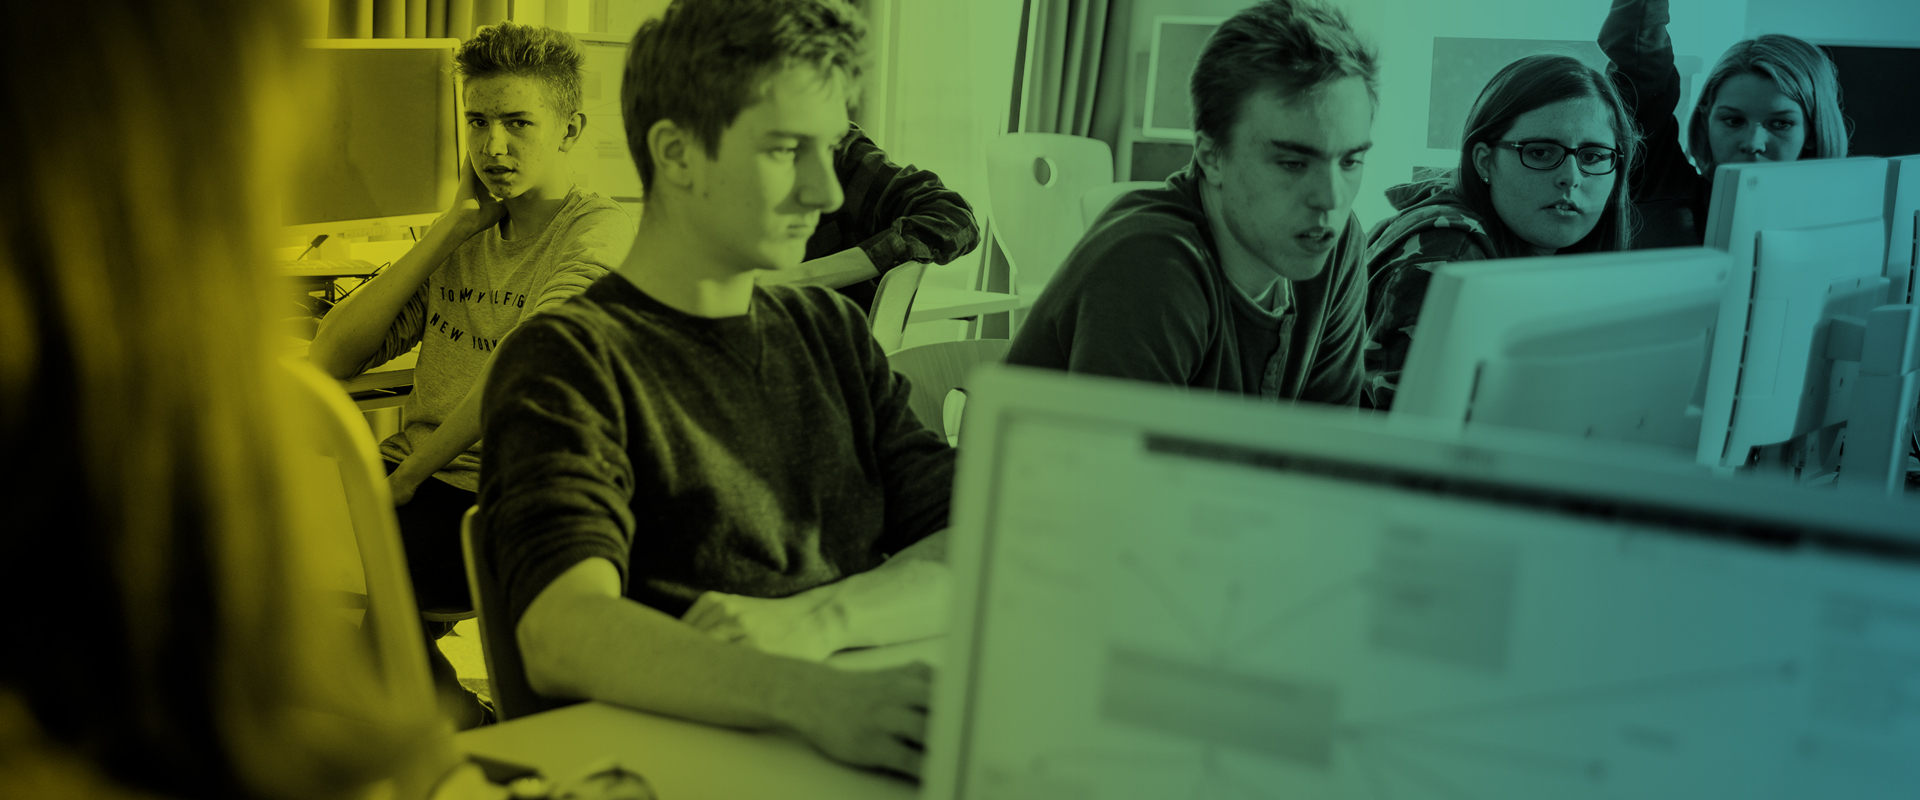 Schüler vor Computern